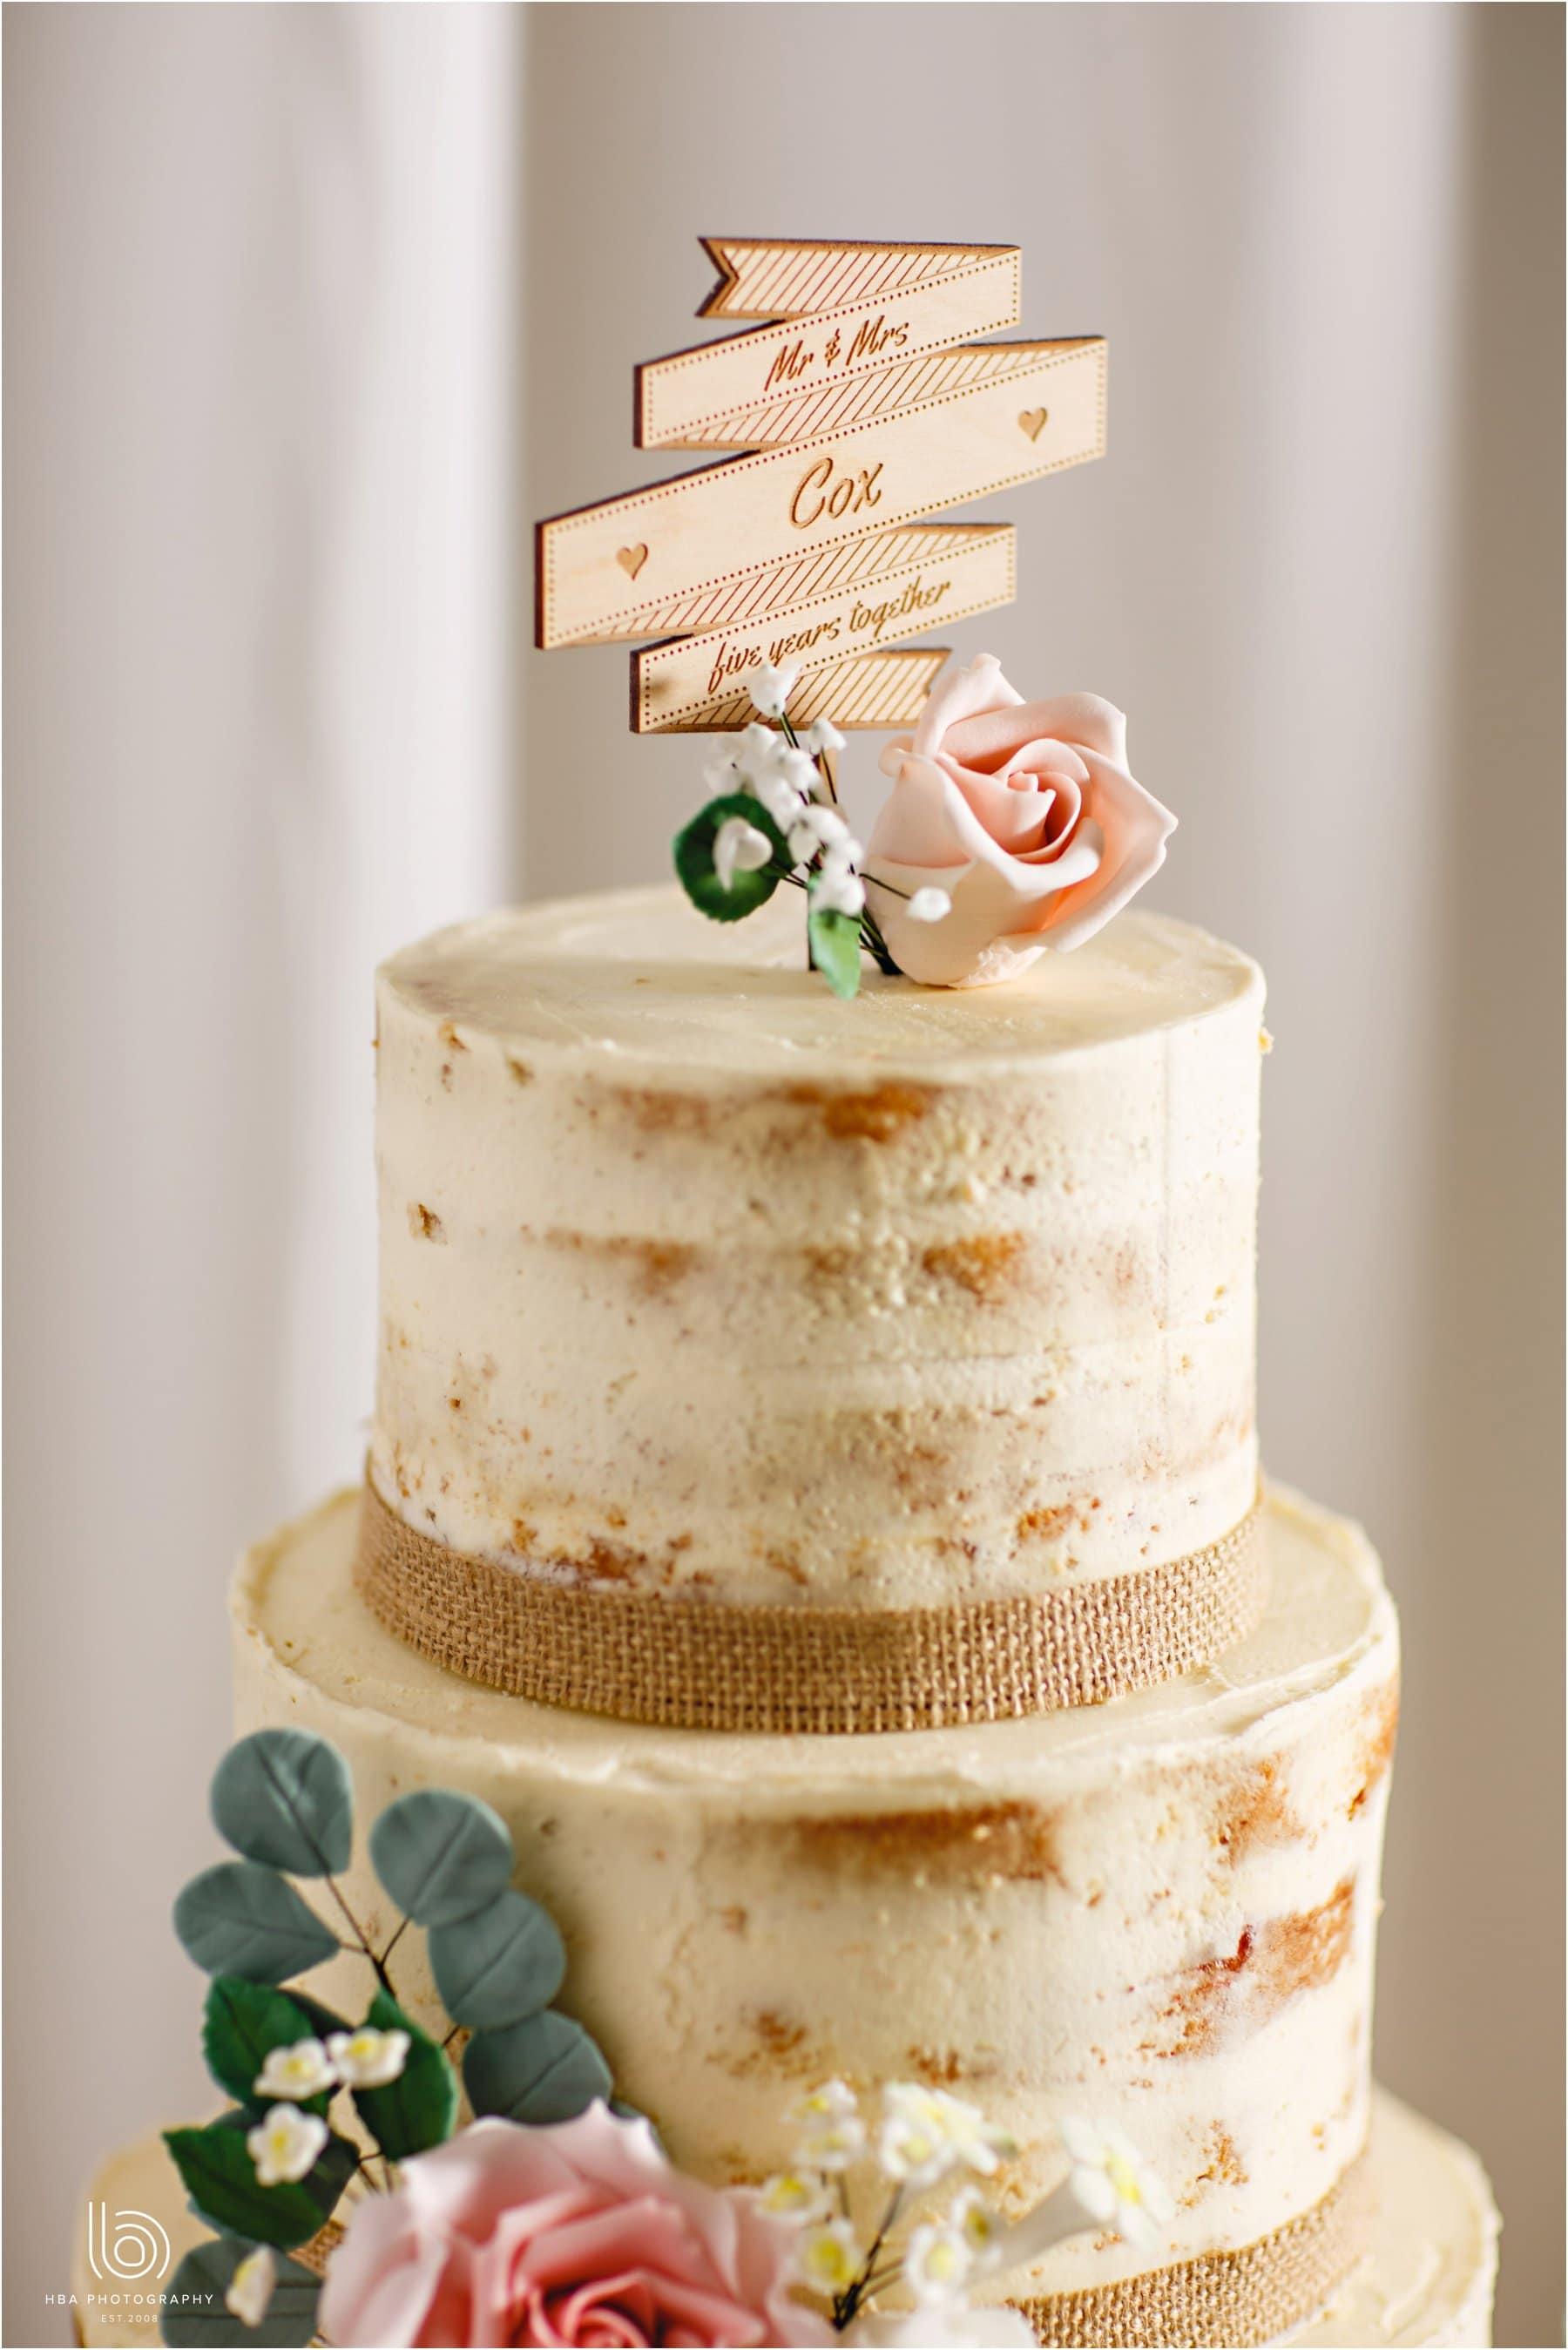 the semi naked wedding cake